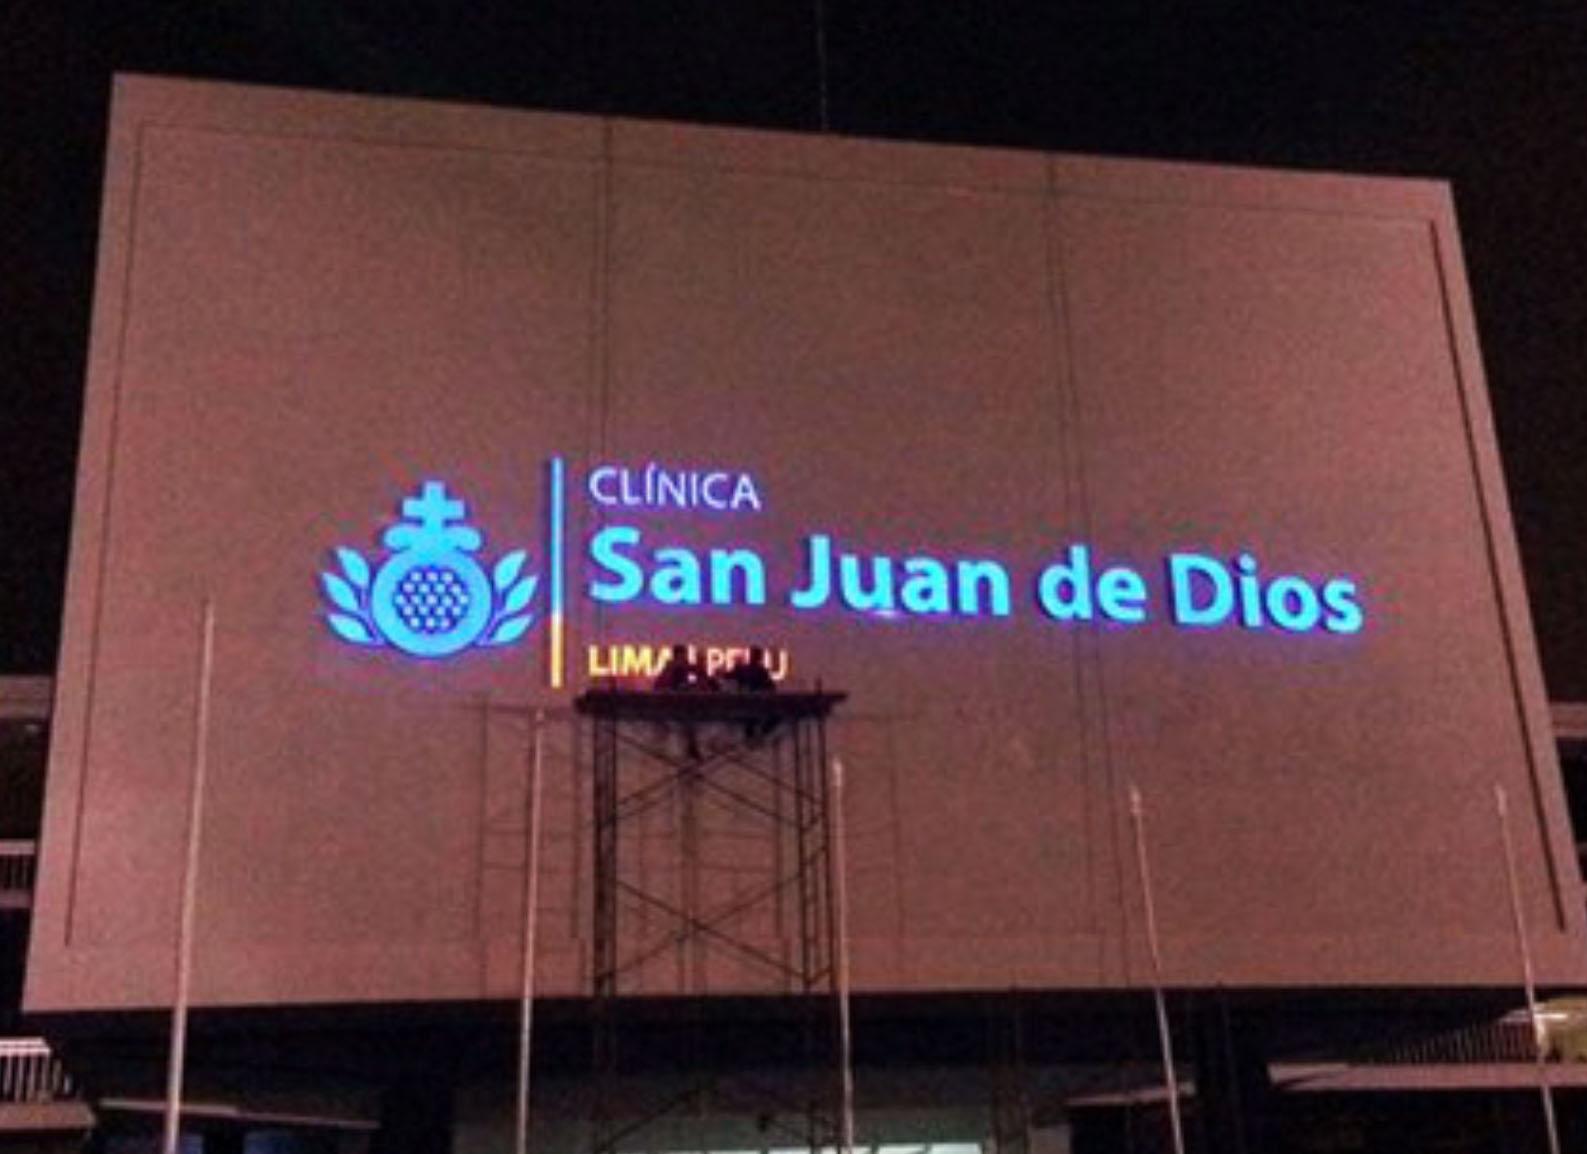 Letrero Luminoso Clínica San Juan de Dios